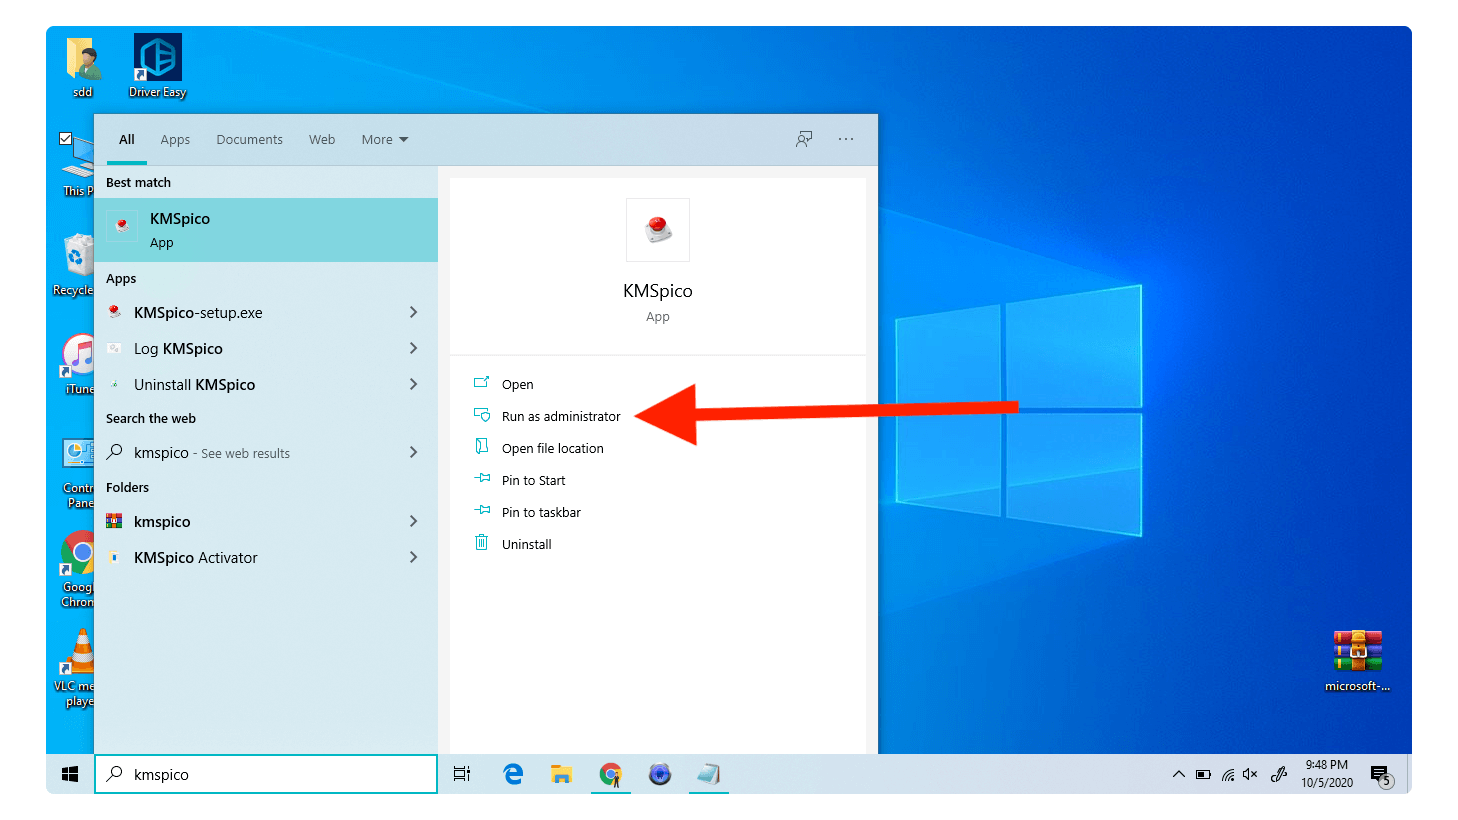 kmspico-windows-10-activator